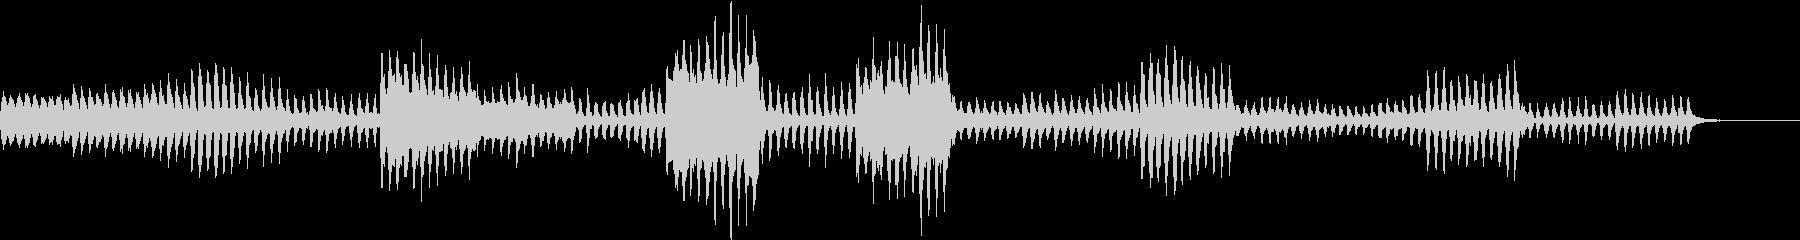 可愛らしく活発な曲の未再生の波形